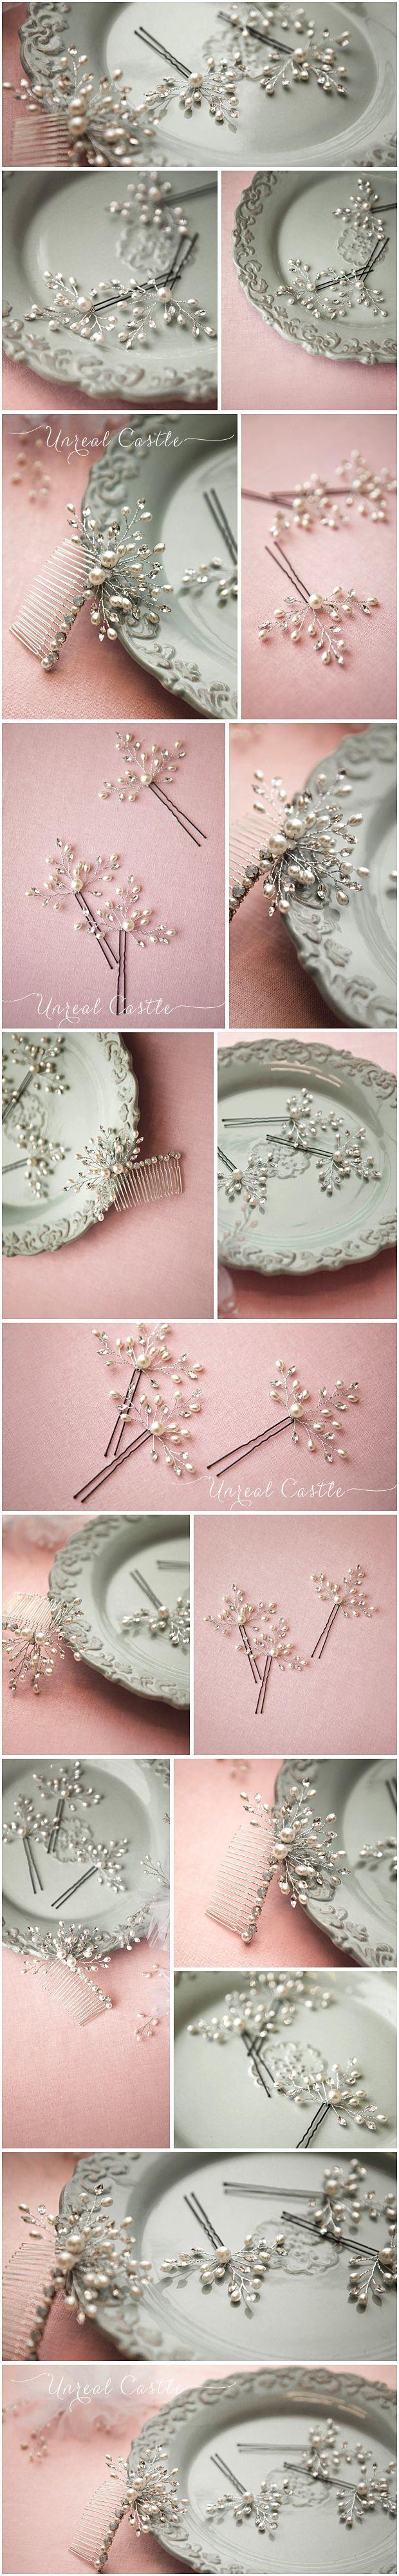 UnrealCastle маленький волос, как листья жемчуг хрустальные аксессуары свадебный волосы подключить Боб корейский обычай свадебный головной убор - Taobao